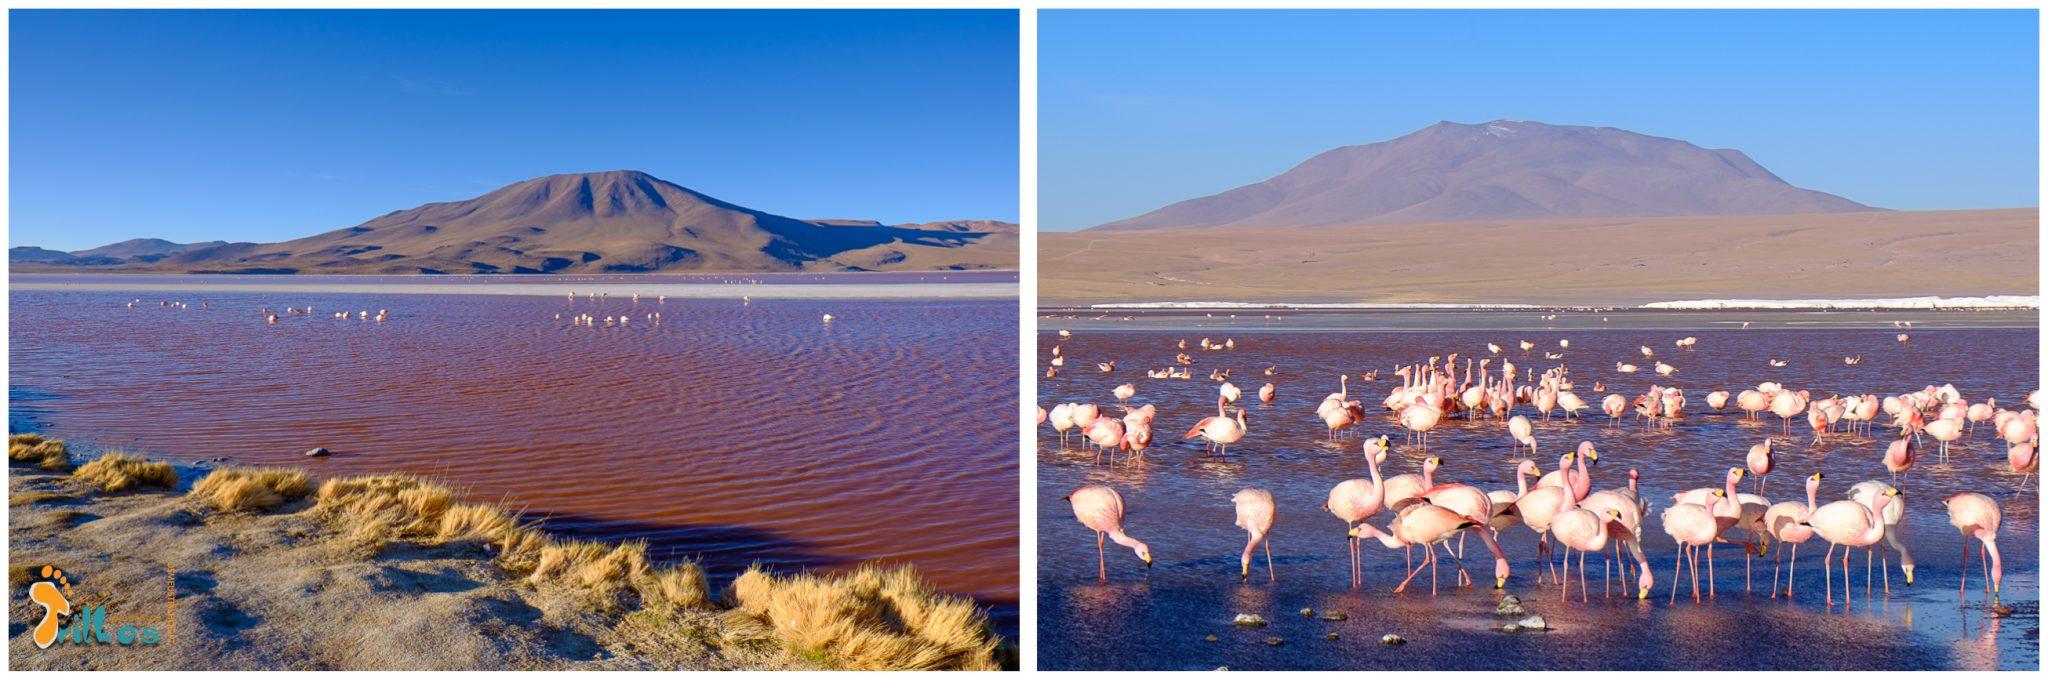 03 - lagunas altiplanicas - bolivia-laguna colorada